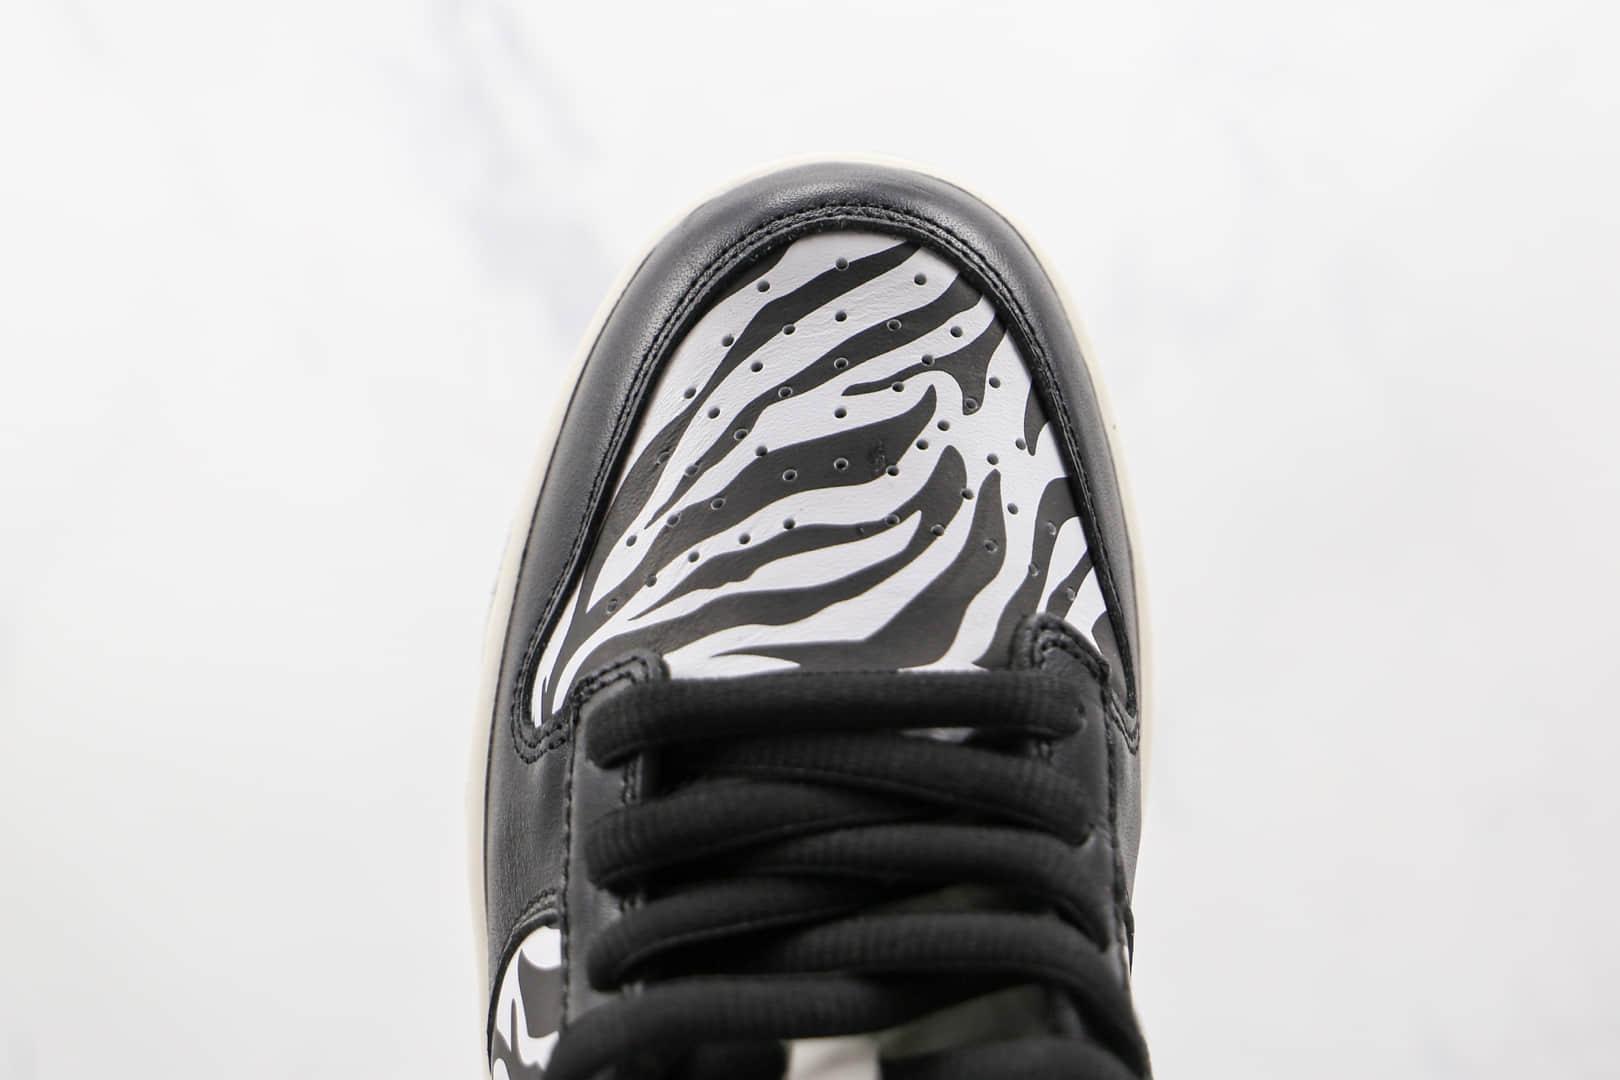 耐克Nike SB Dunk Low Zebra x Quartersnacks联名款纯原版本低帮SB DUNK黑斑马配色板鞋原档案数据开发 货号:DM3510-001